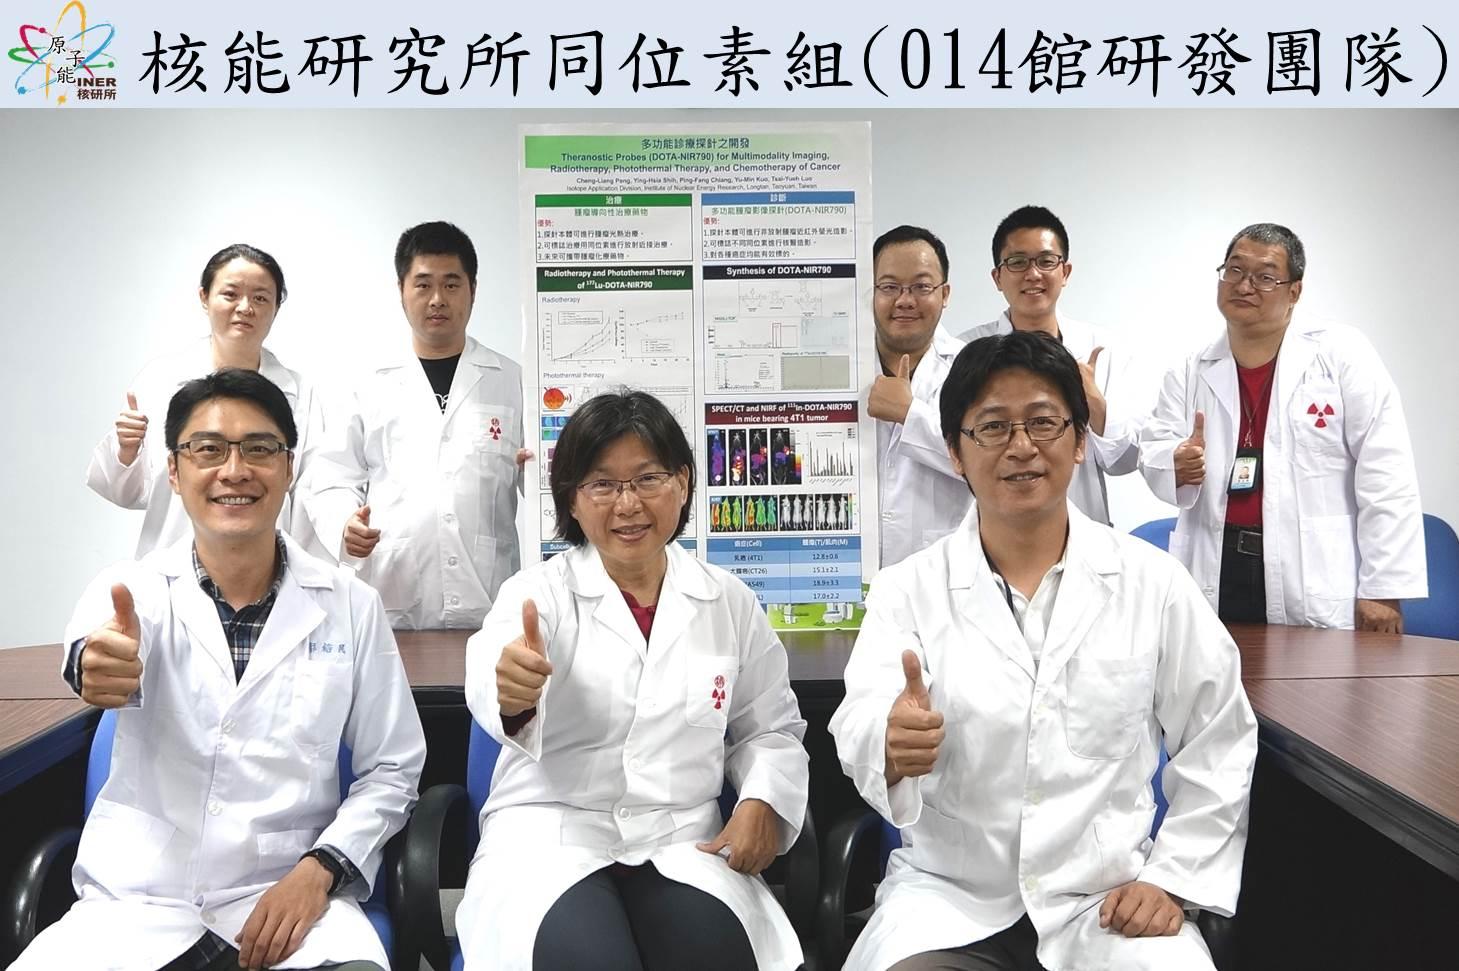 核能研究所同位素組(014館研發團隊)